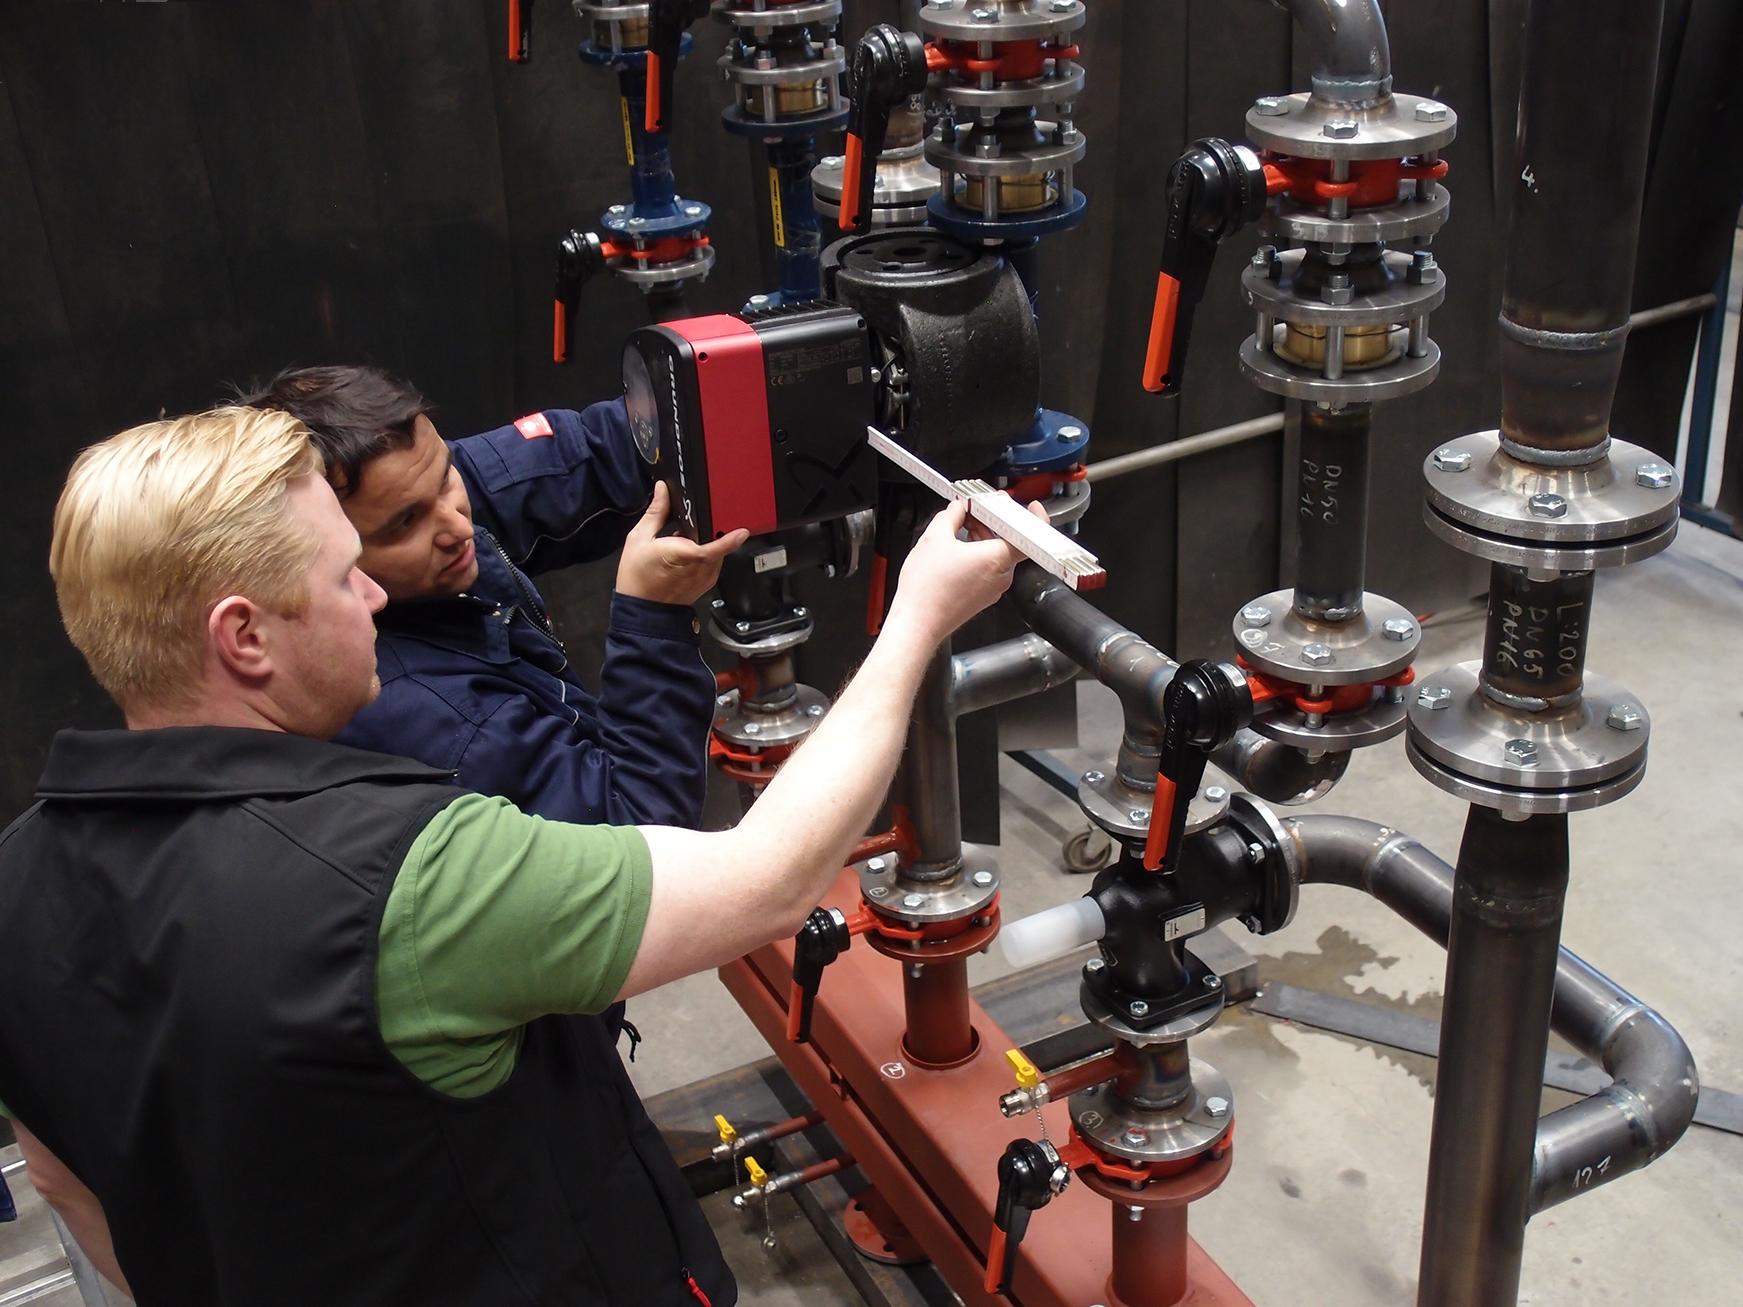 Imagebild Stahlbau. Zwei Arbeiter bei der Kontrolle im Stahlbau.